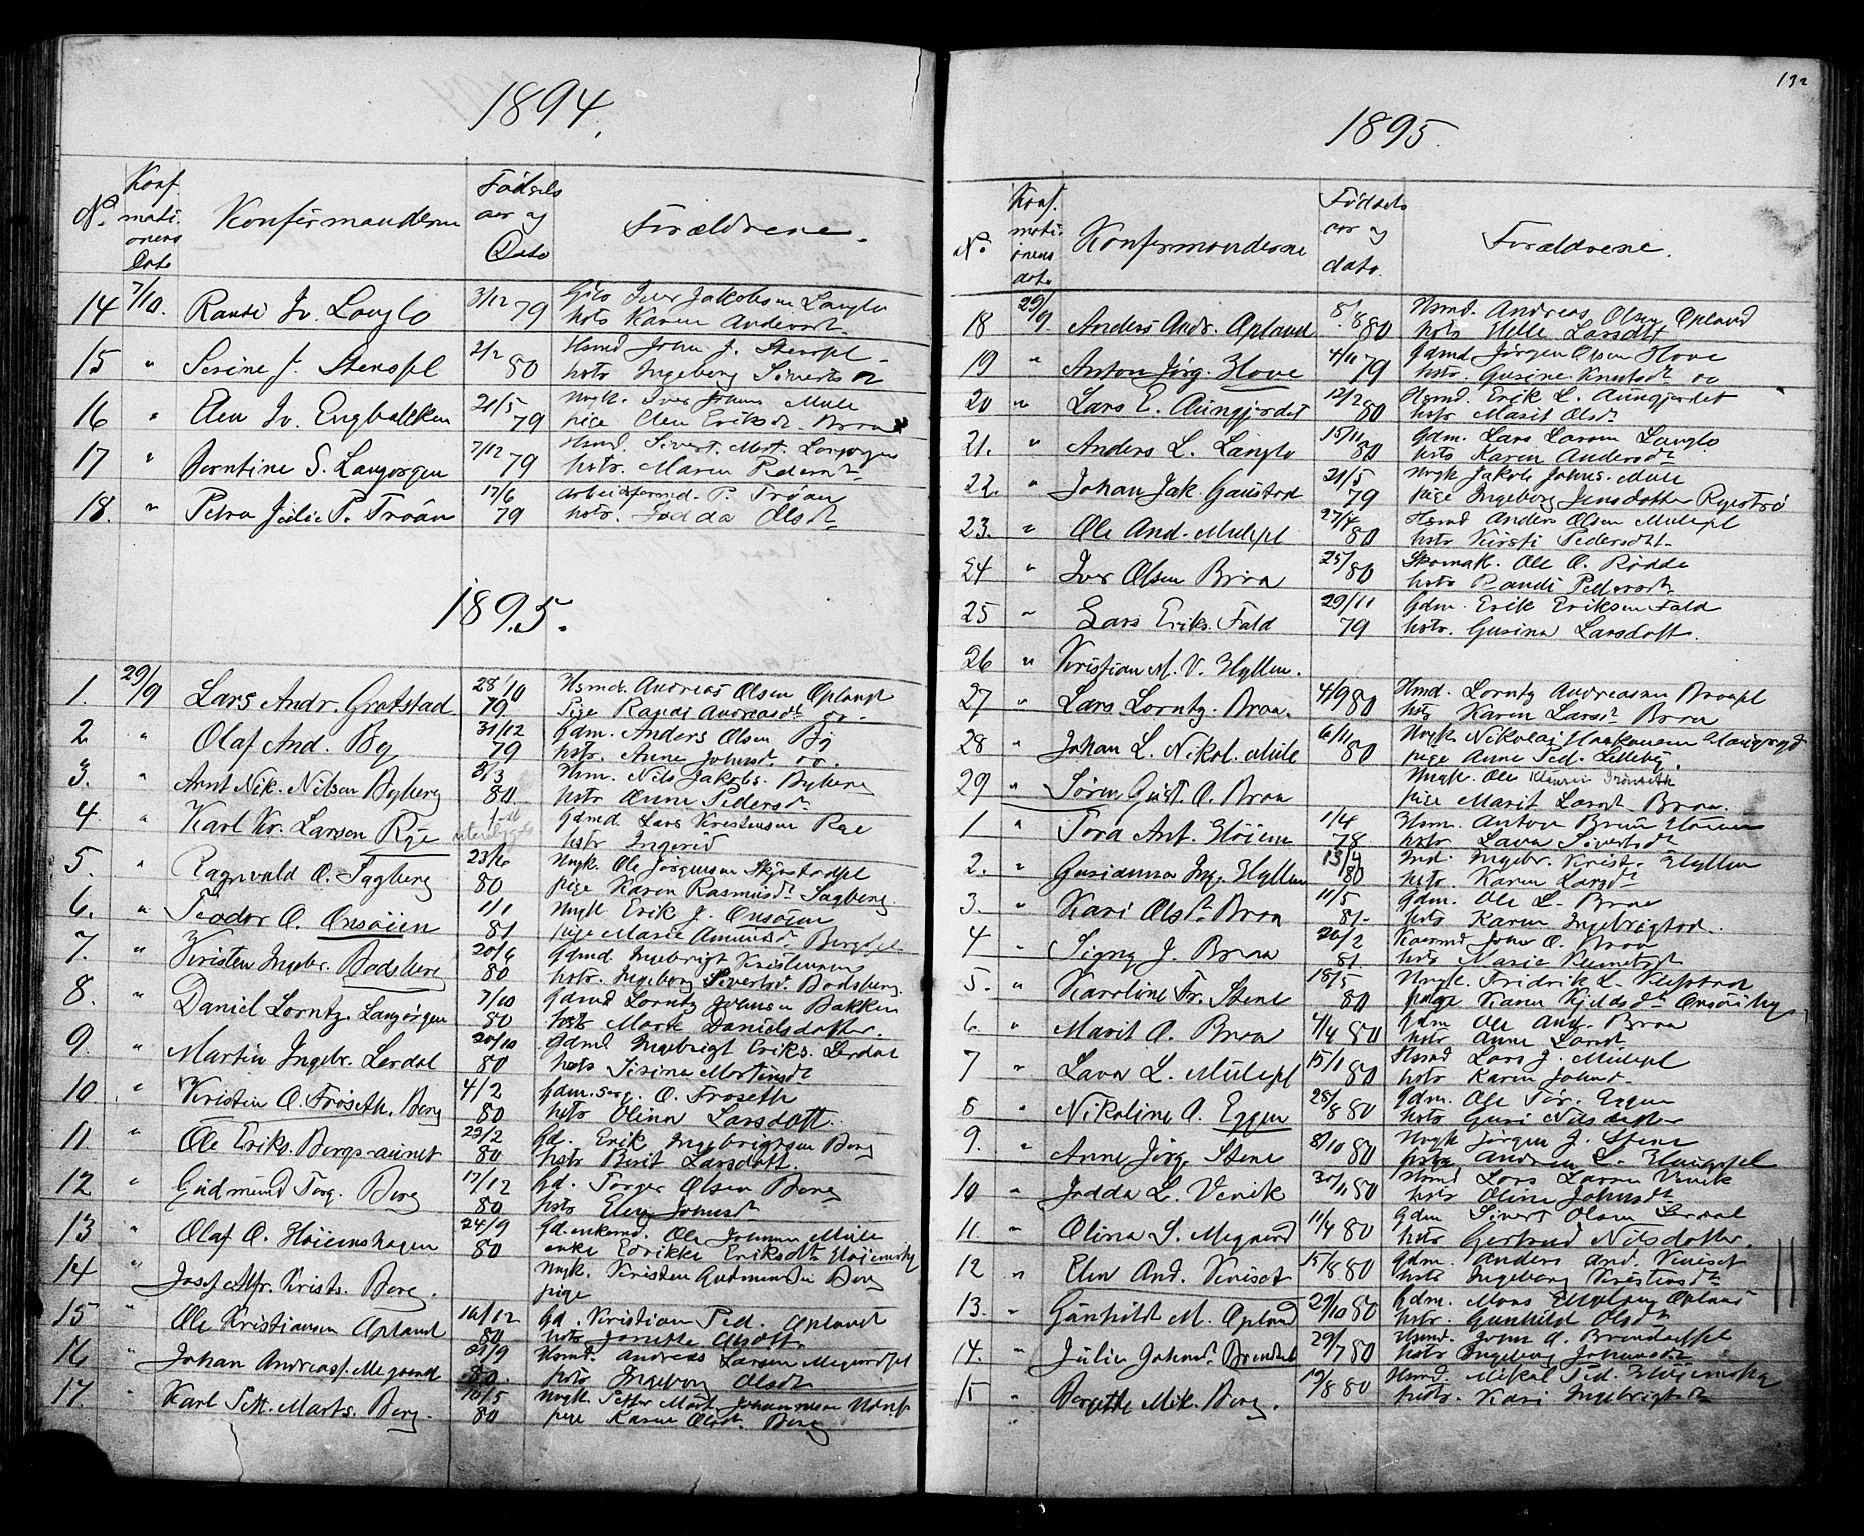 SAT, Ministerialprotokoller, klokkerbøker og fødselsregistre - Sør-Trøndelag, 612/L0387: Klokkerbok nr. 612C03, 1874-1908, s. 132